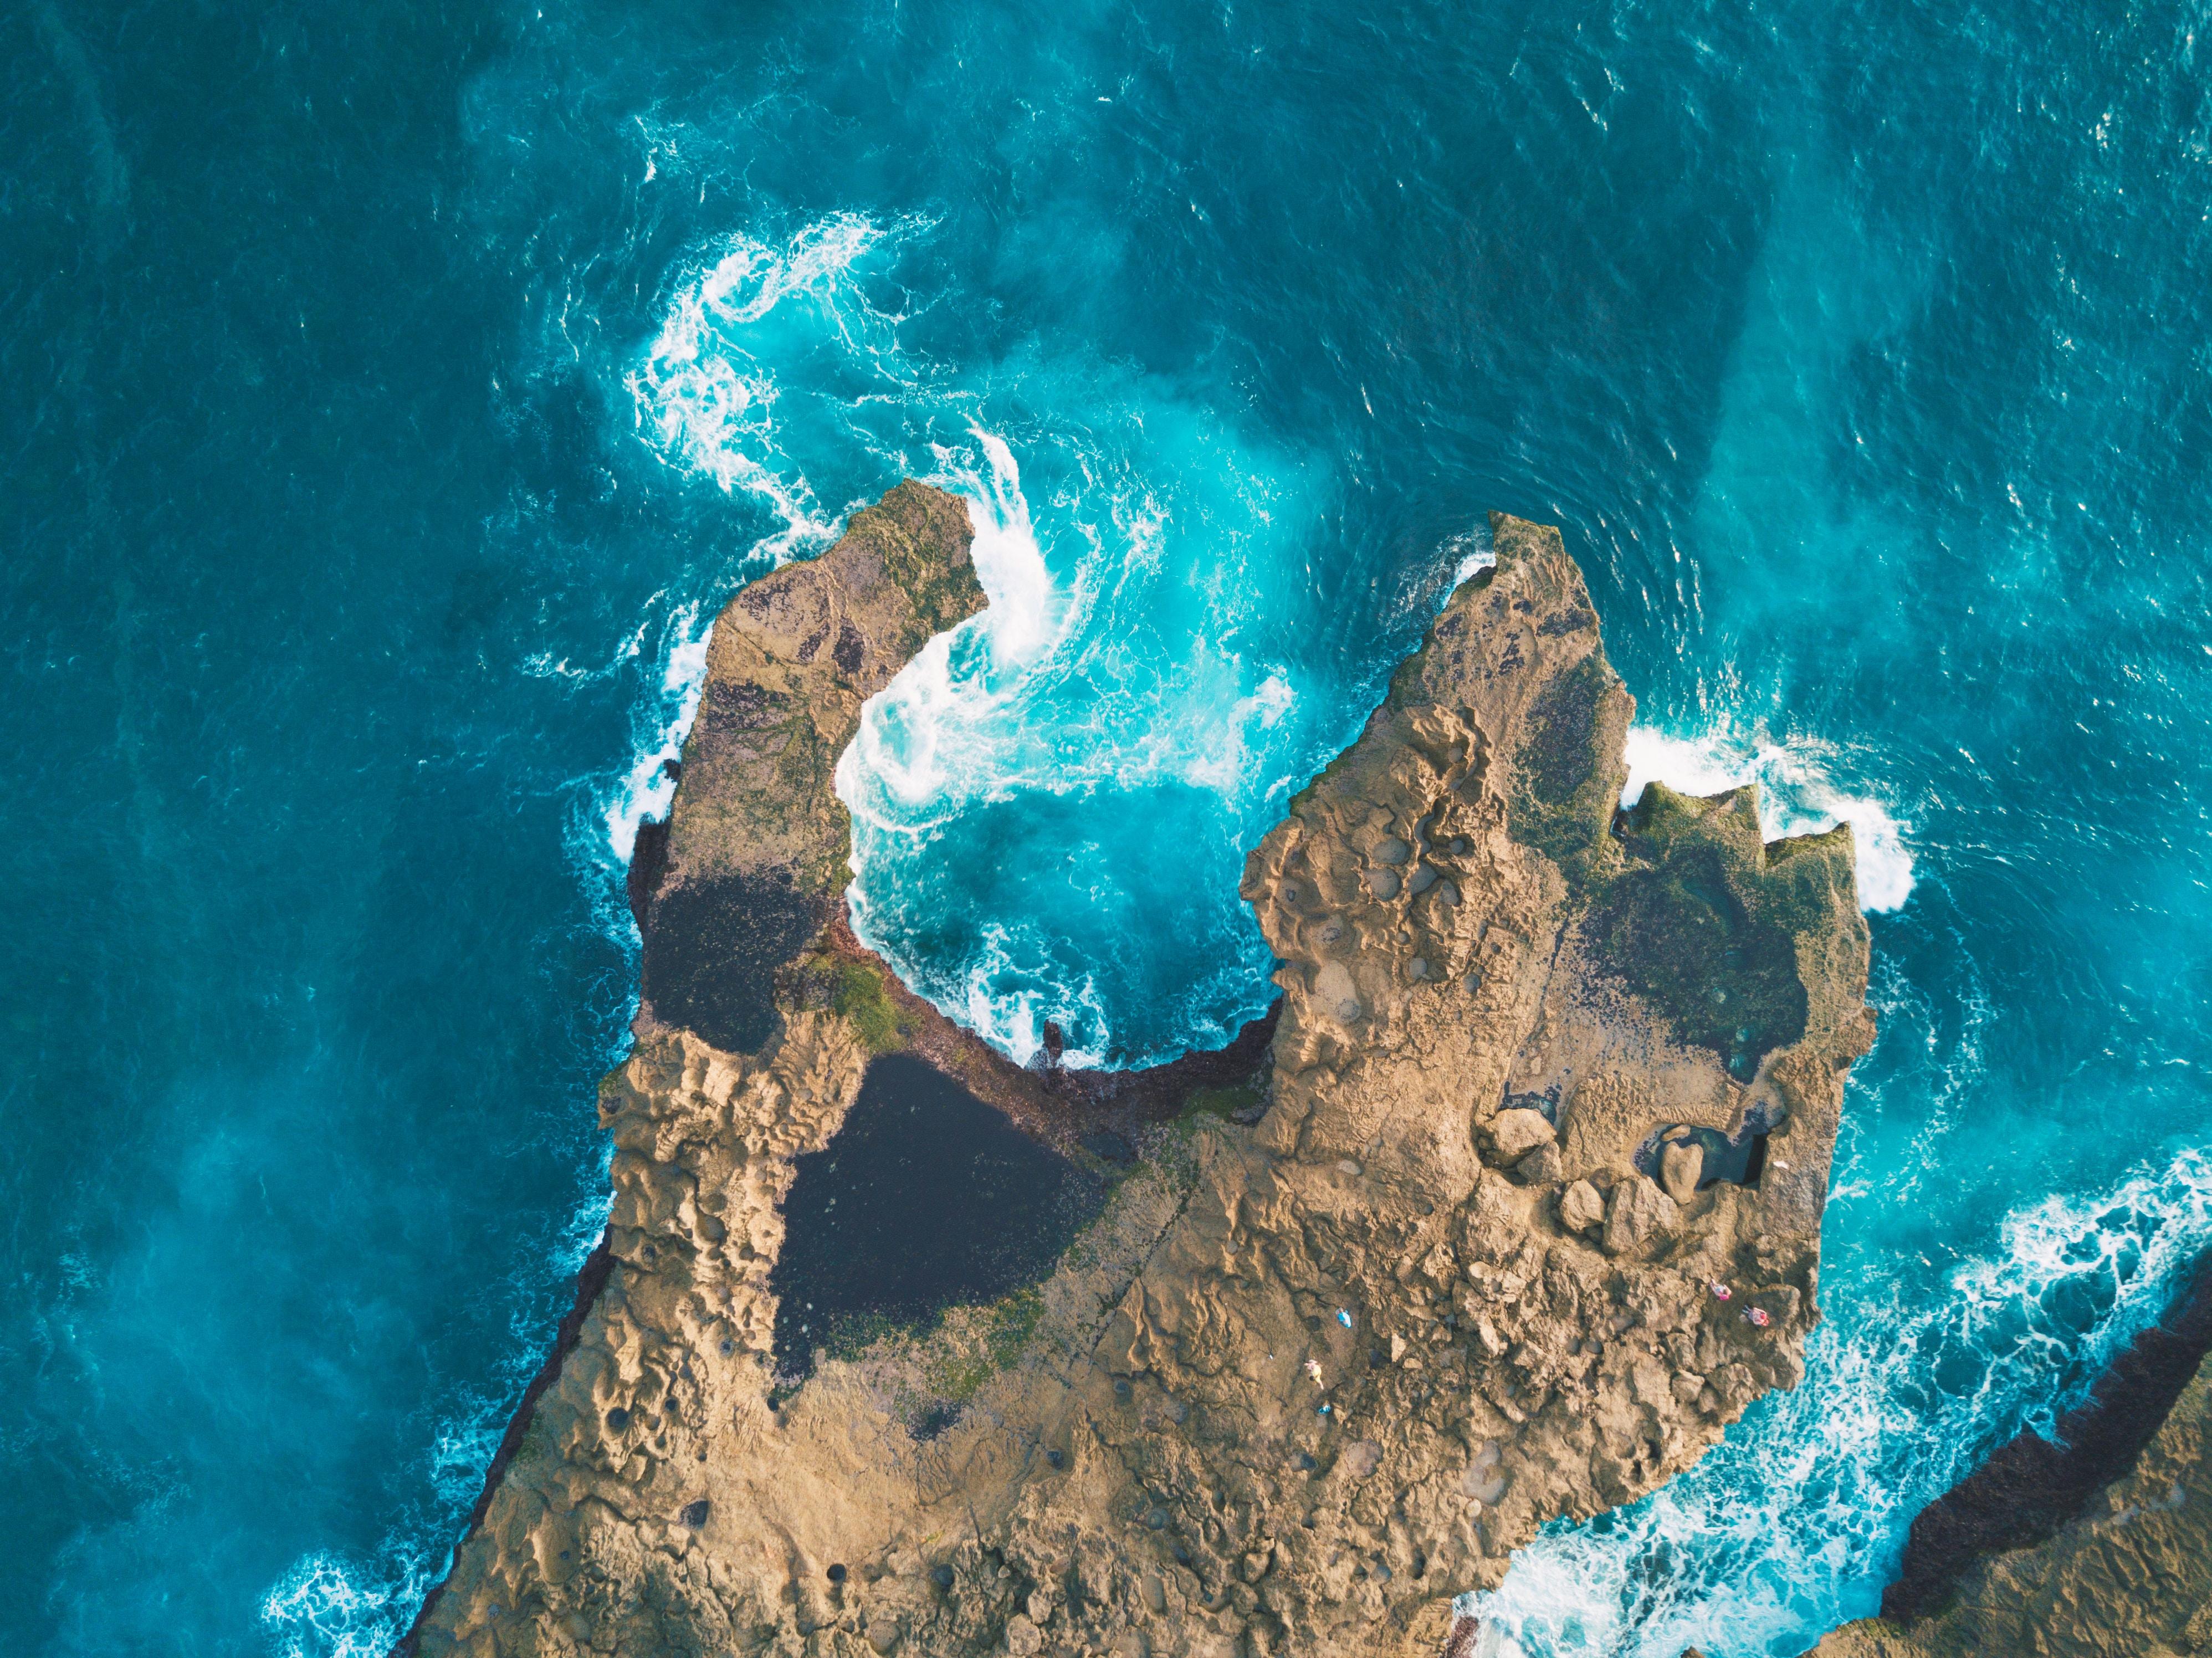 Free Images : sea, water, rock, ocean, coastal, underwater ...